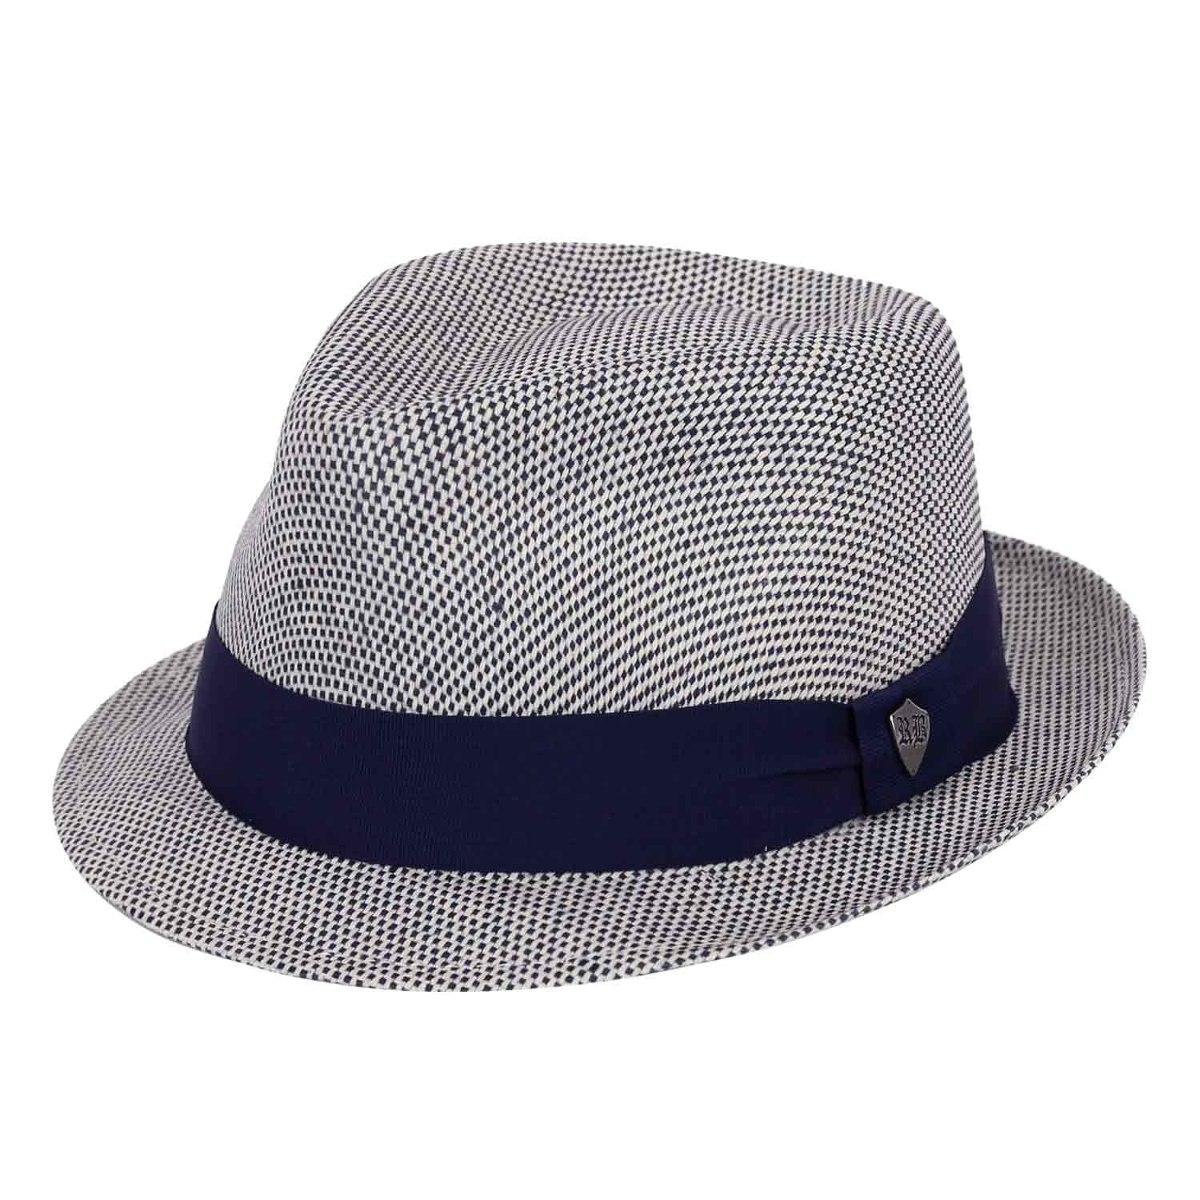 a5ba07c433407 chapéu aba curta cotton algodão azul mesclado todos tamanhos. Carregando  zoom.